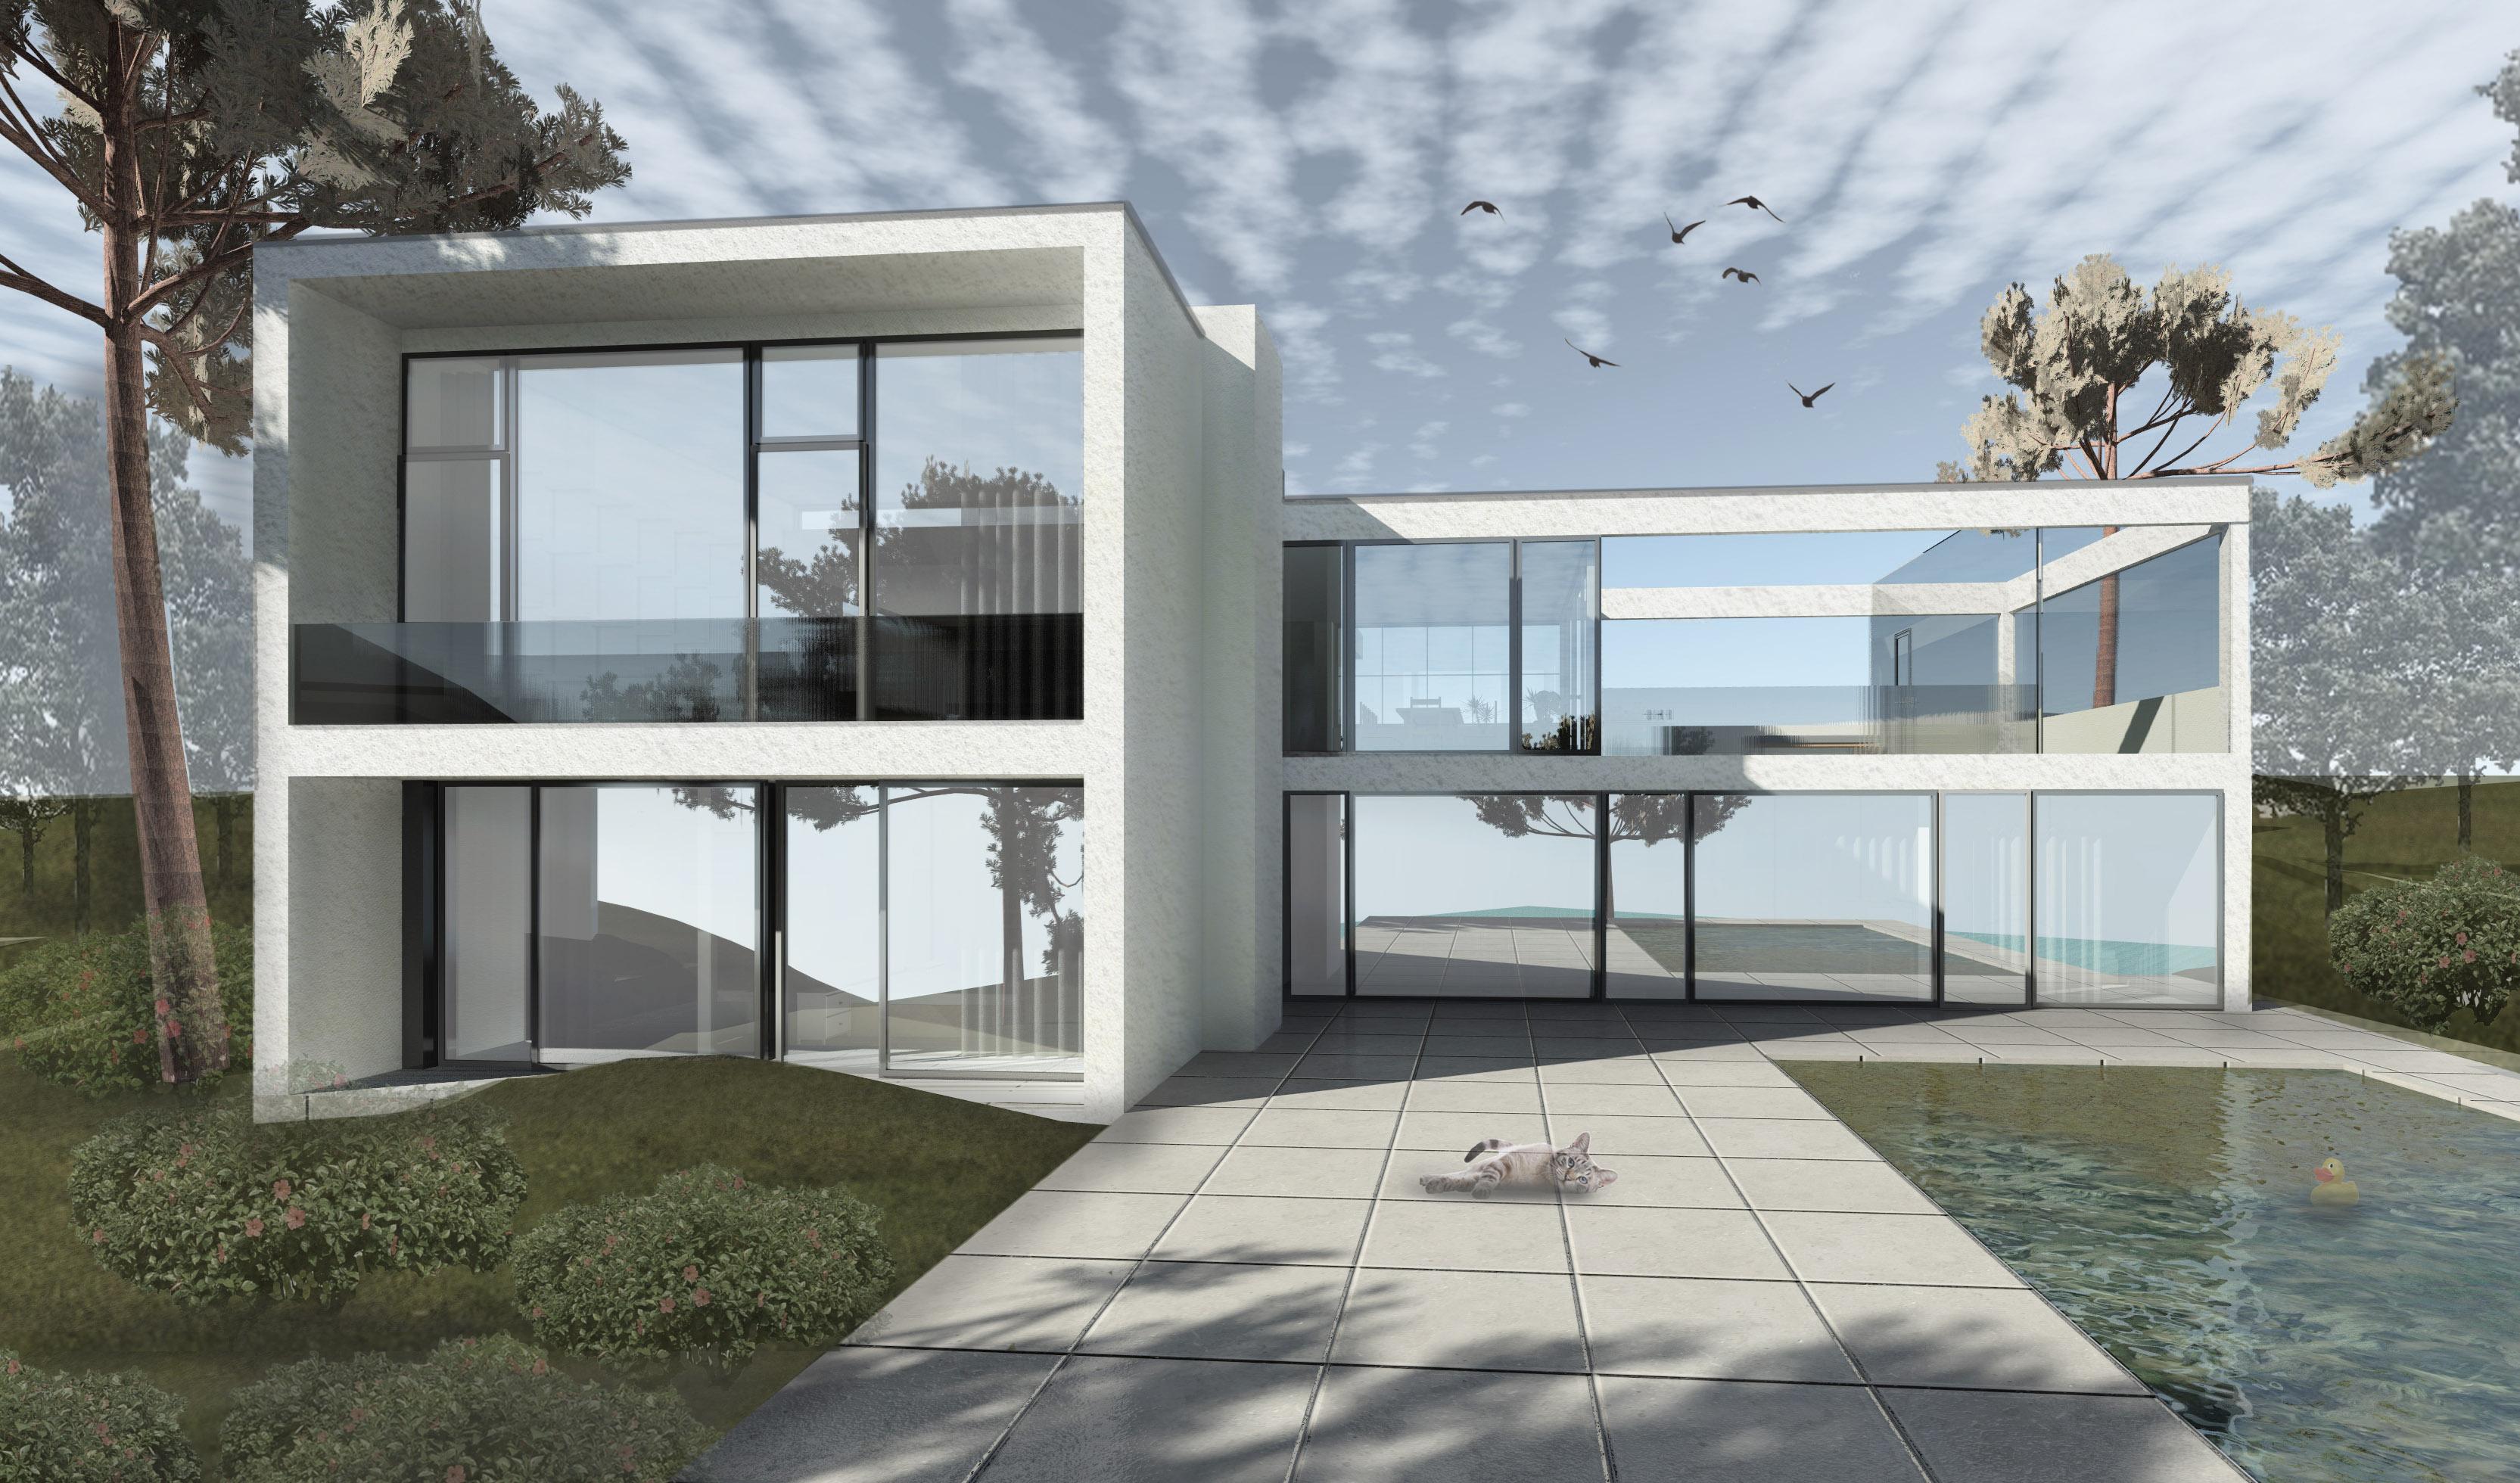 Villa på havsnära tomt i Svinninge